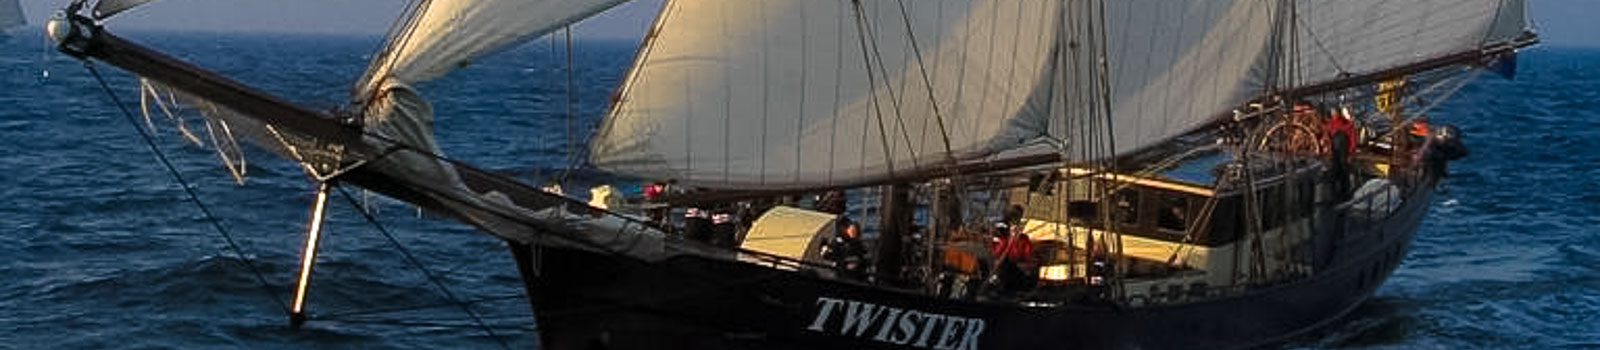 Segeln auf Traditionsseglern zeigt die Twister